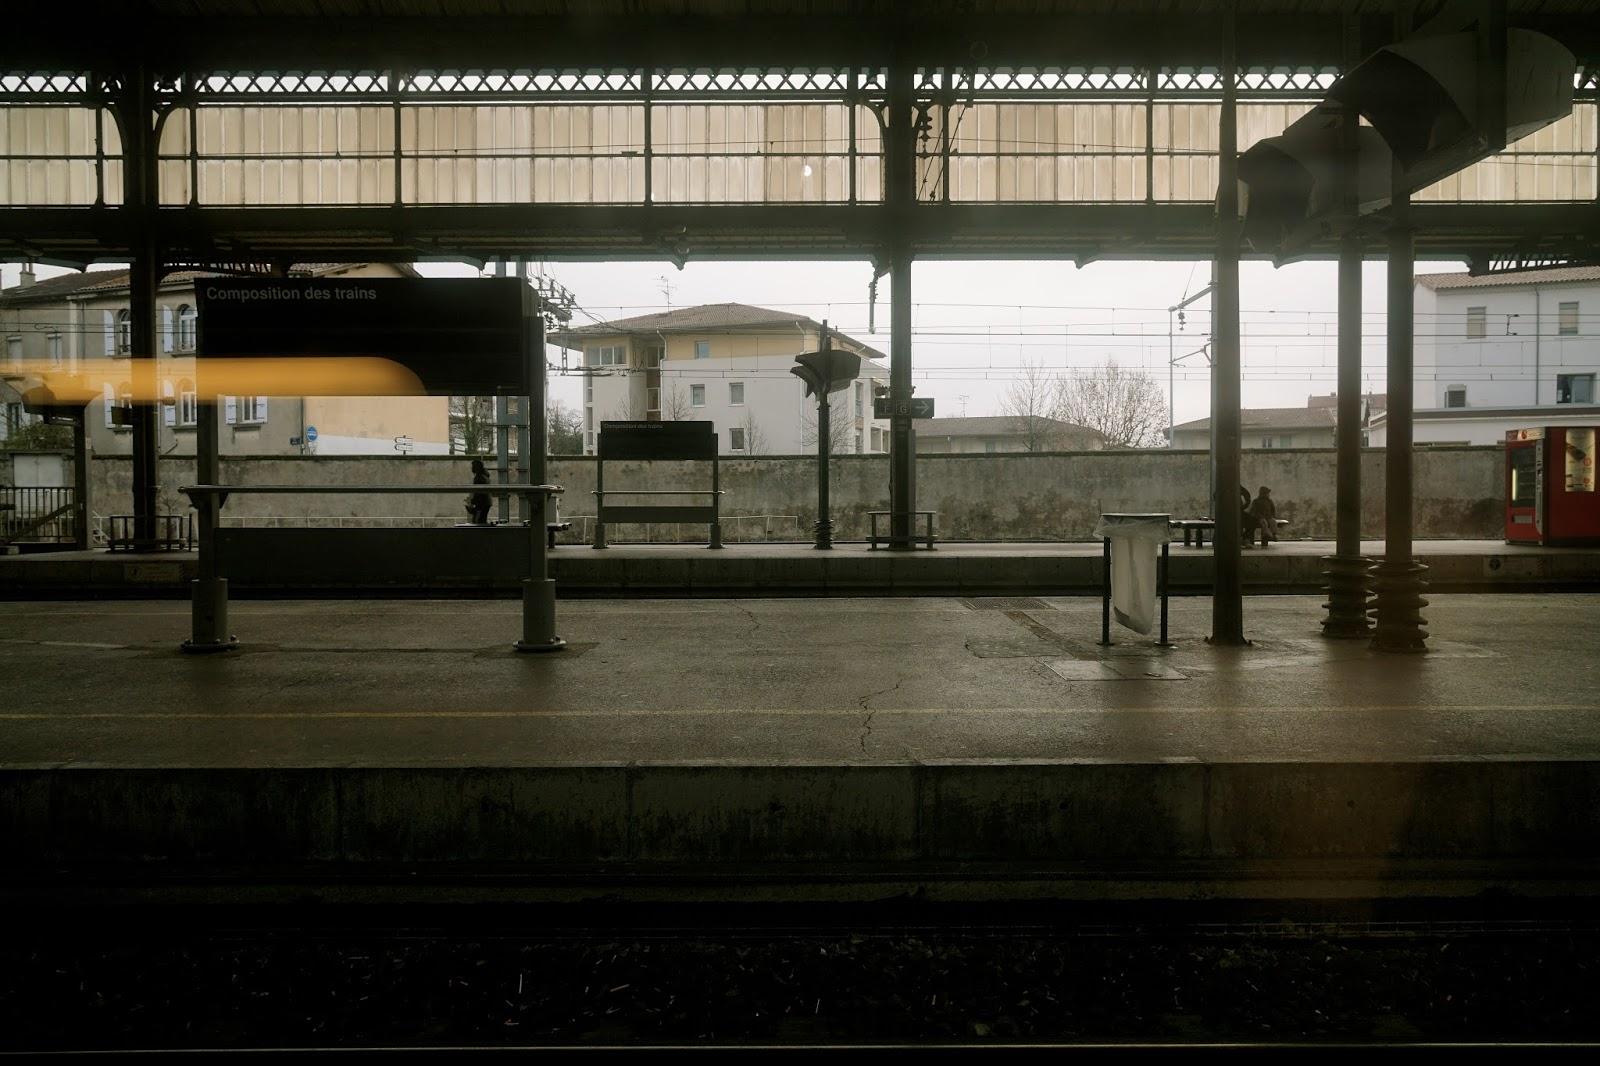 途中(アルル駅ーリヨン駅)の駅ホーム